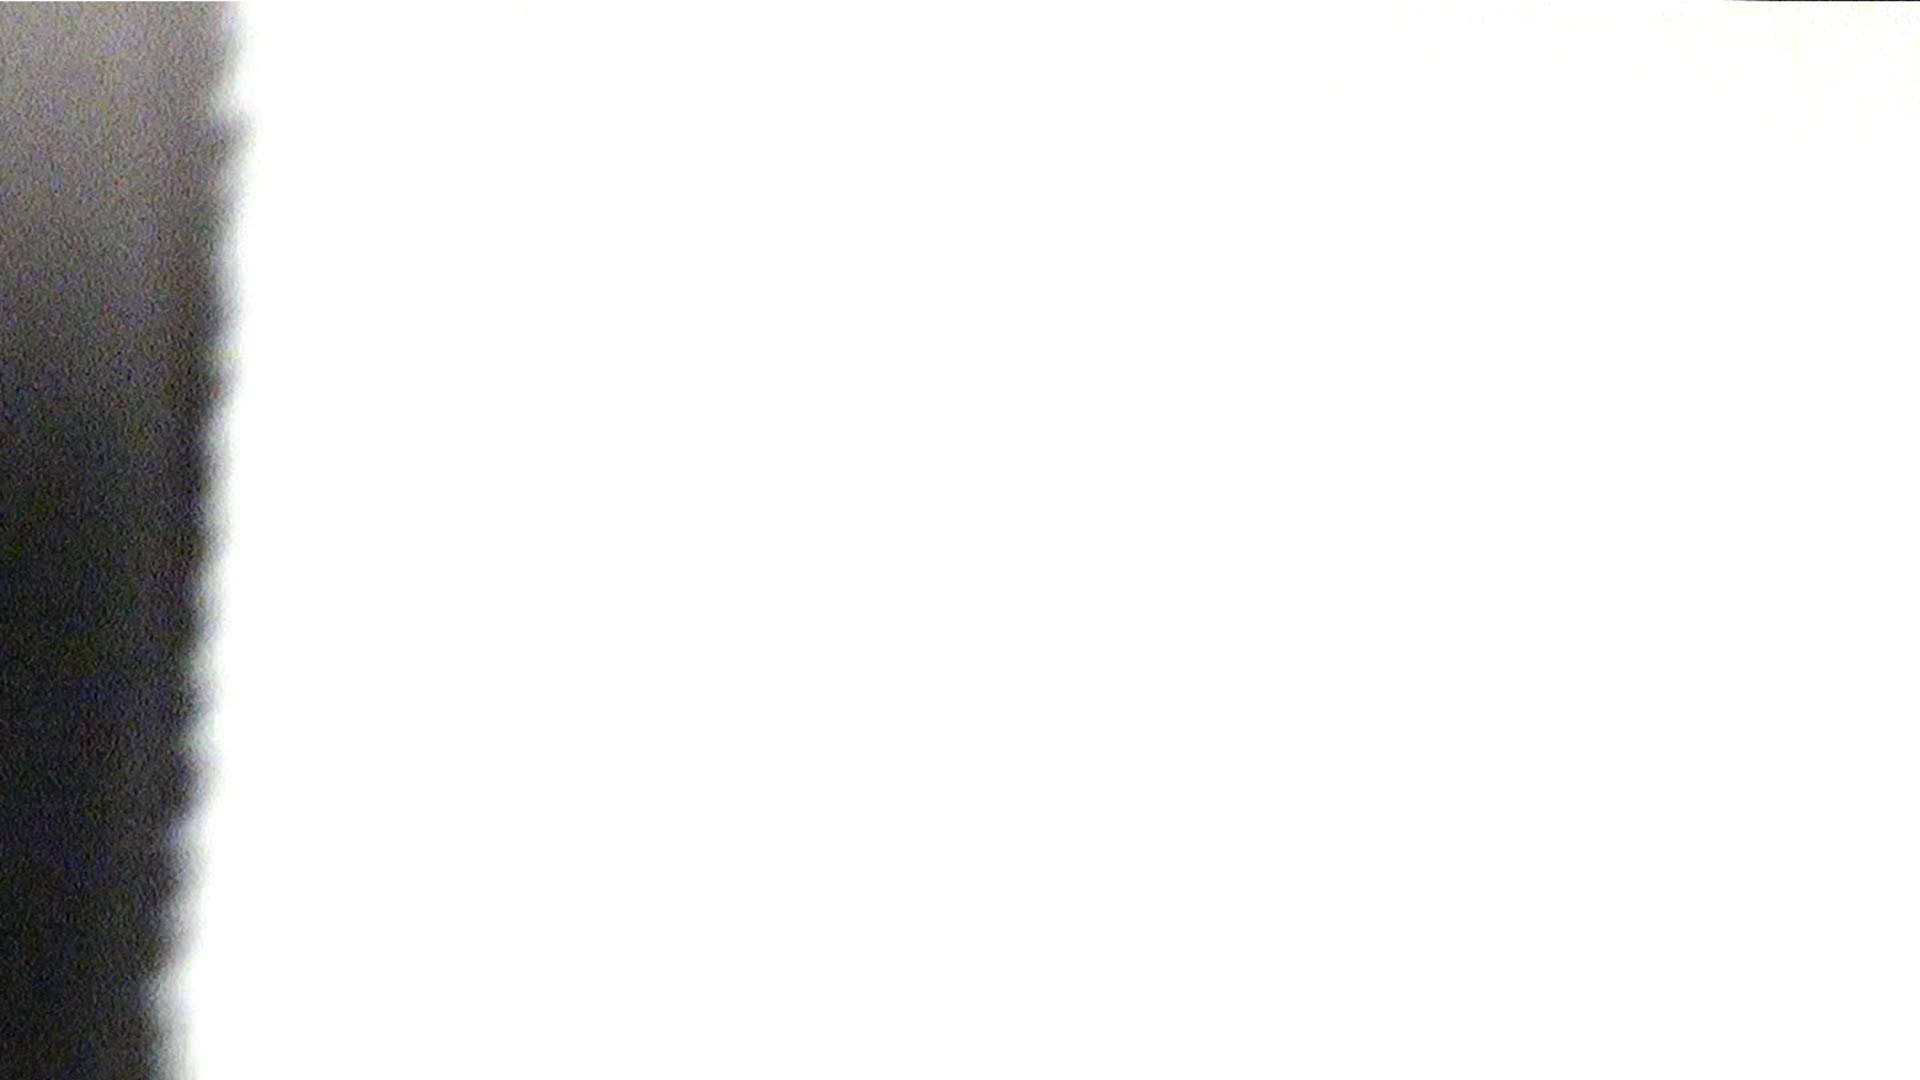 販売 至高下半身盗撮 プレミアム Vol.17 ハイビジョン 盗撮  105pic 55